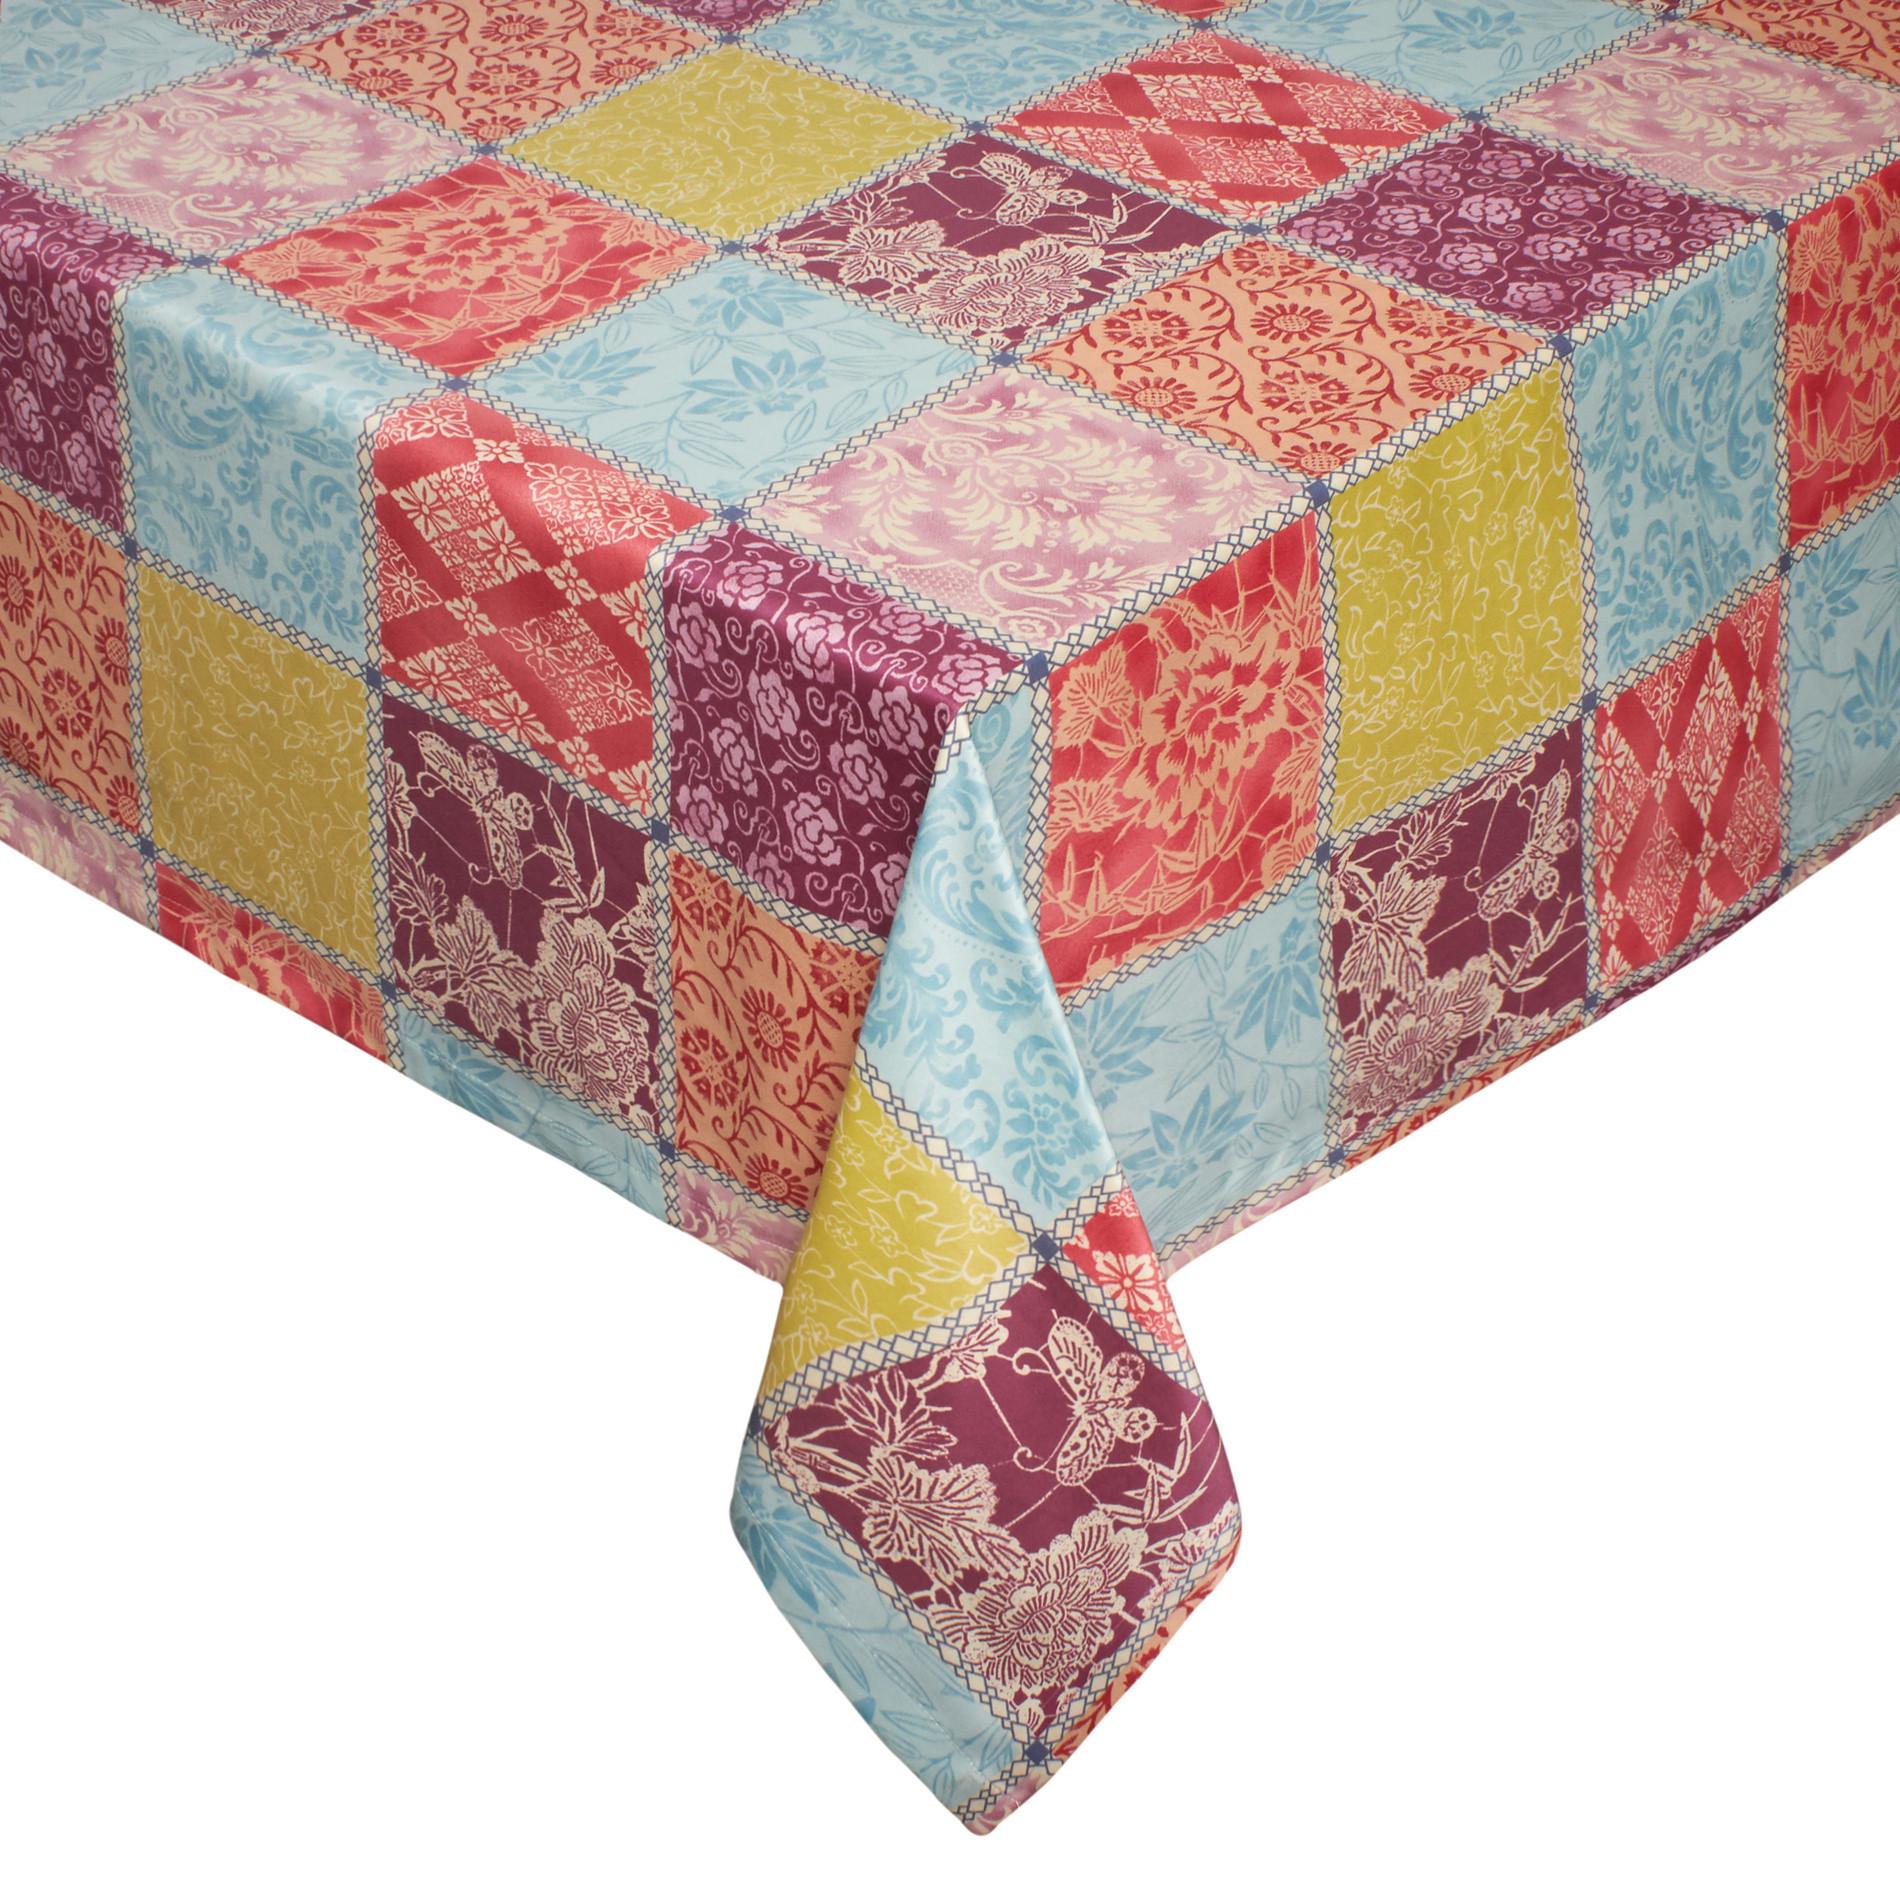 Tovaglia puro cotone patchwork raffinato coincasa - Saldi coin casa ...